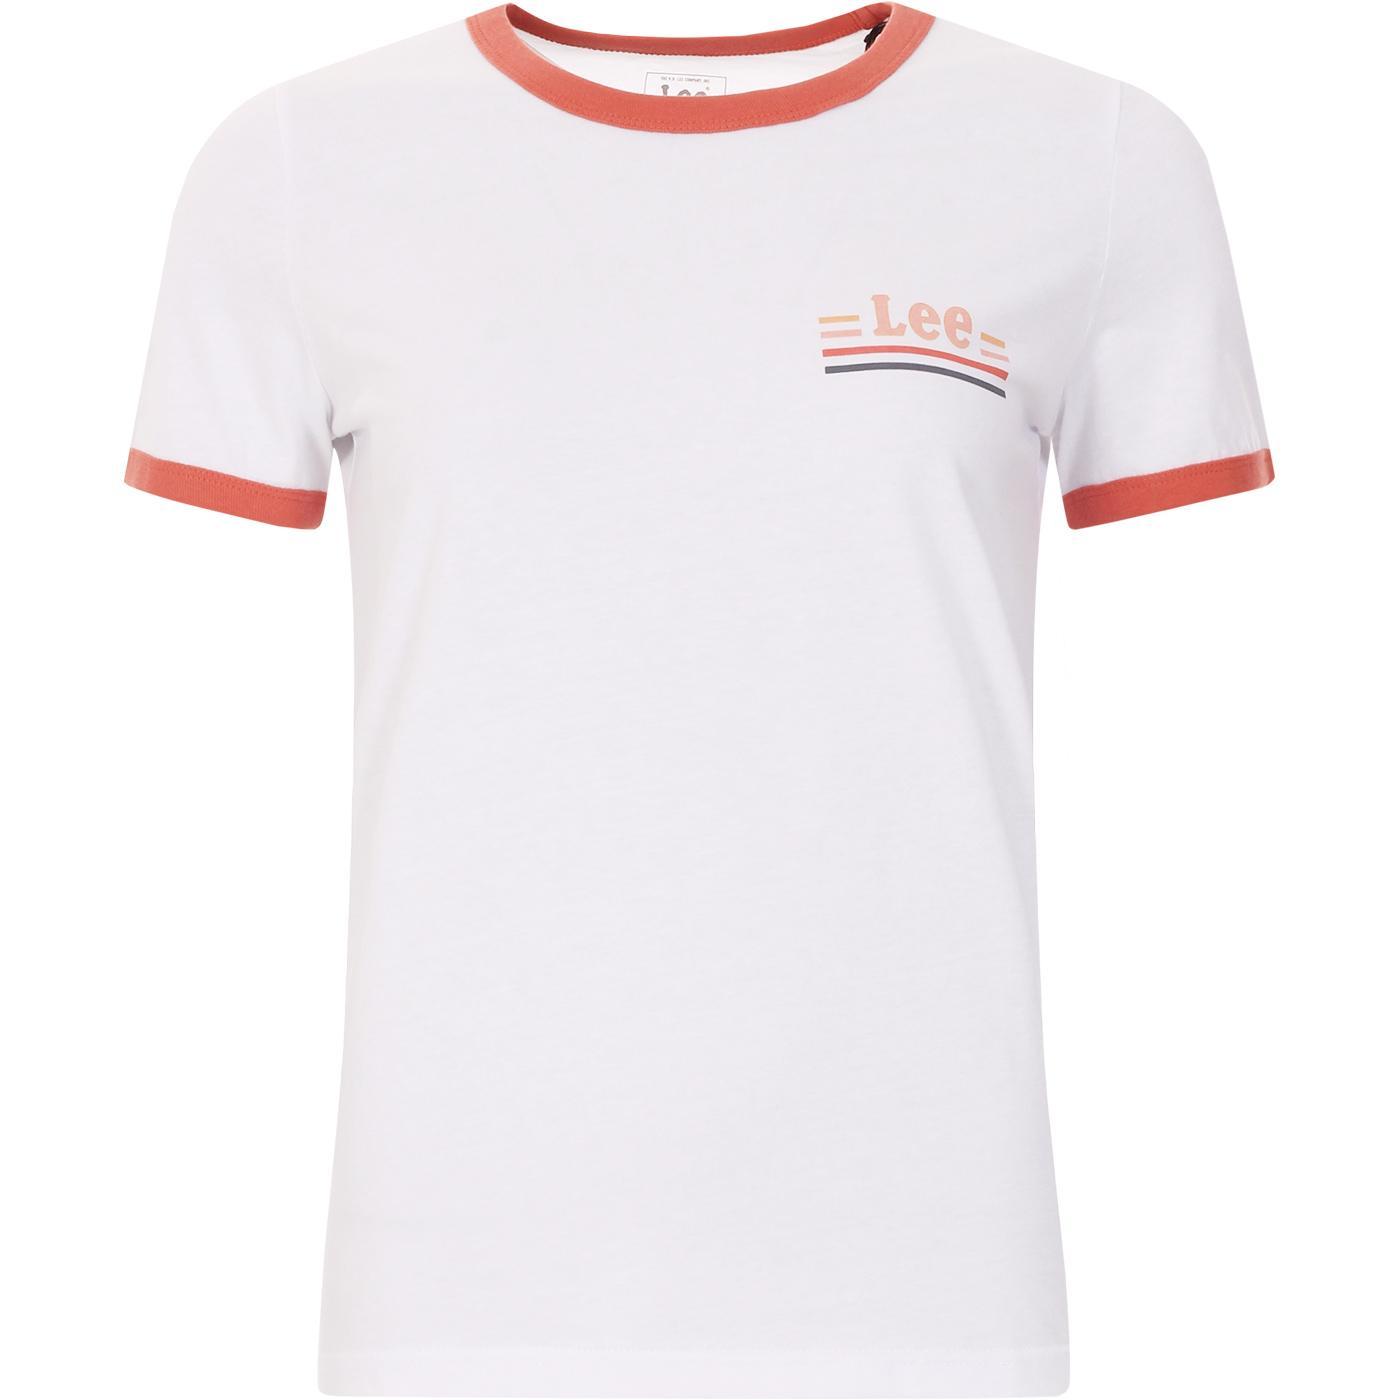 LEE Women's Retro 1970s Ringer T-shirt (White)